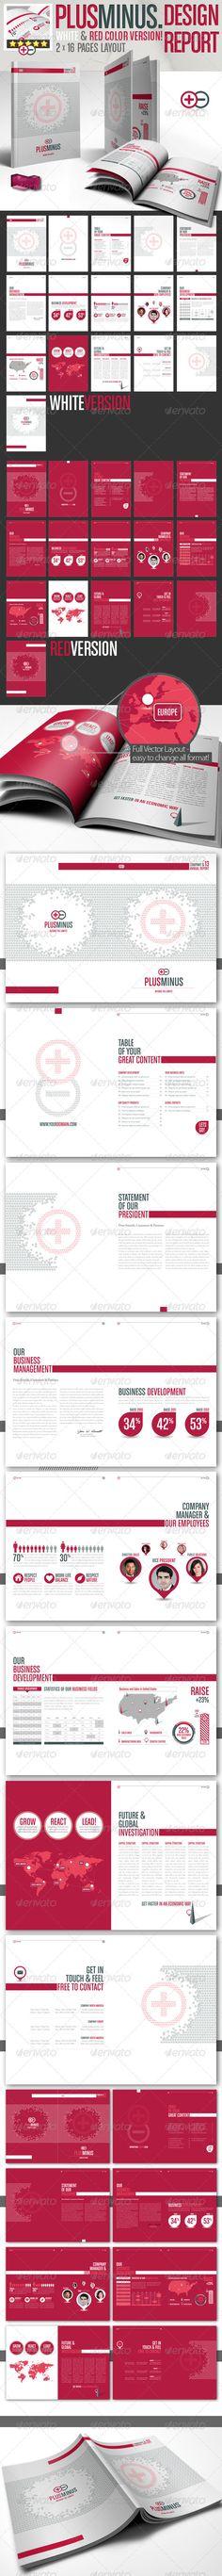 Corporate Brochure PLUSMINUS A4 2 Color